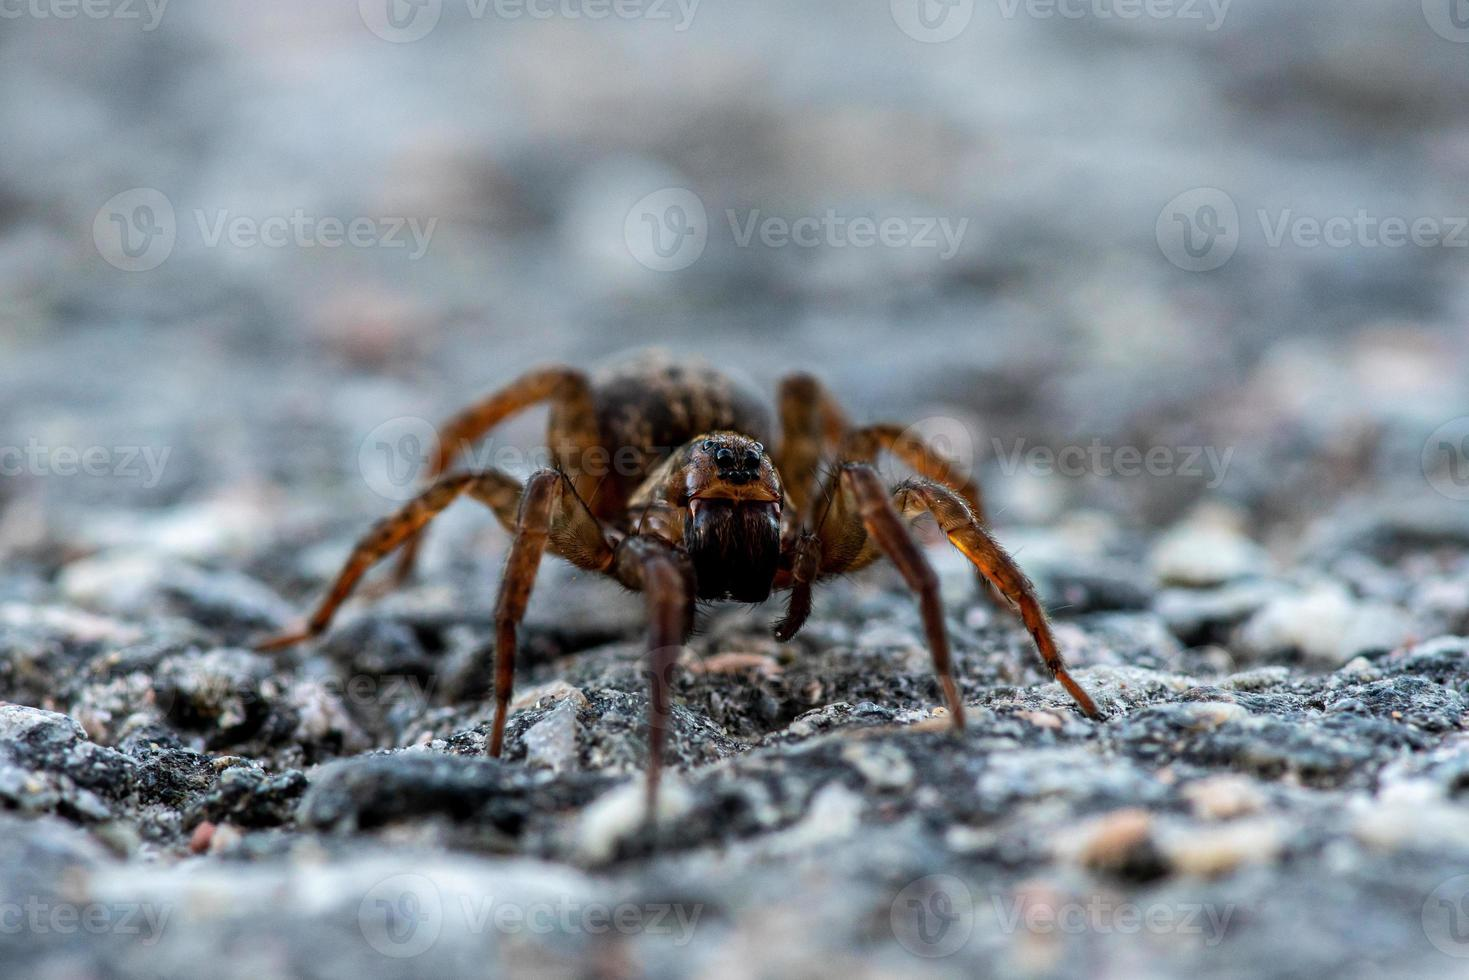 Cerca de una gran araña arrastrándose por el suelo foto